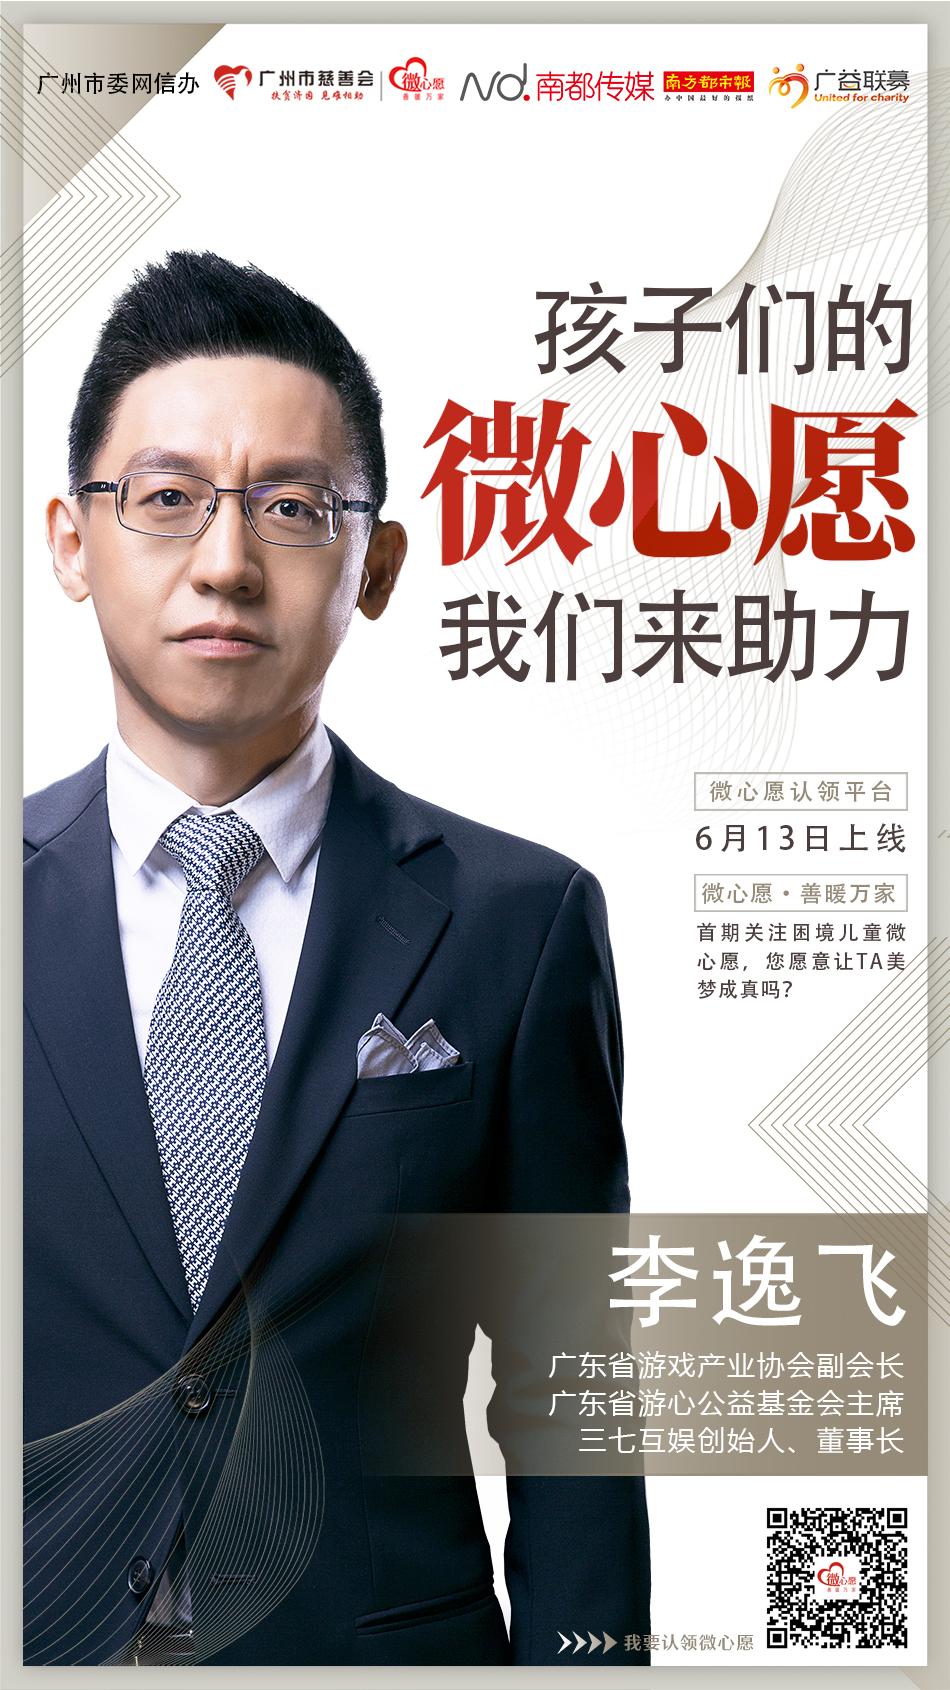 李逸飞(2).jpg